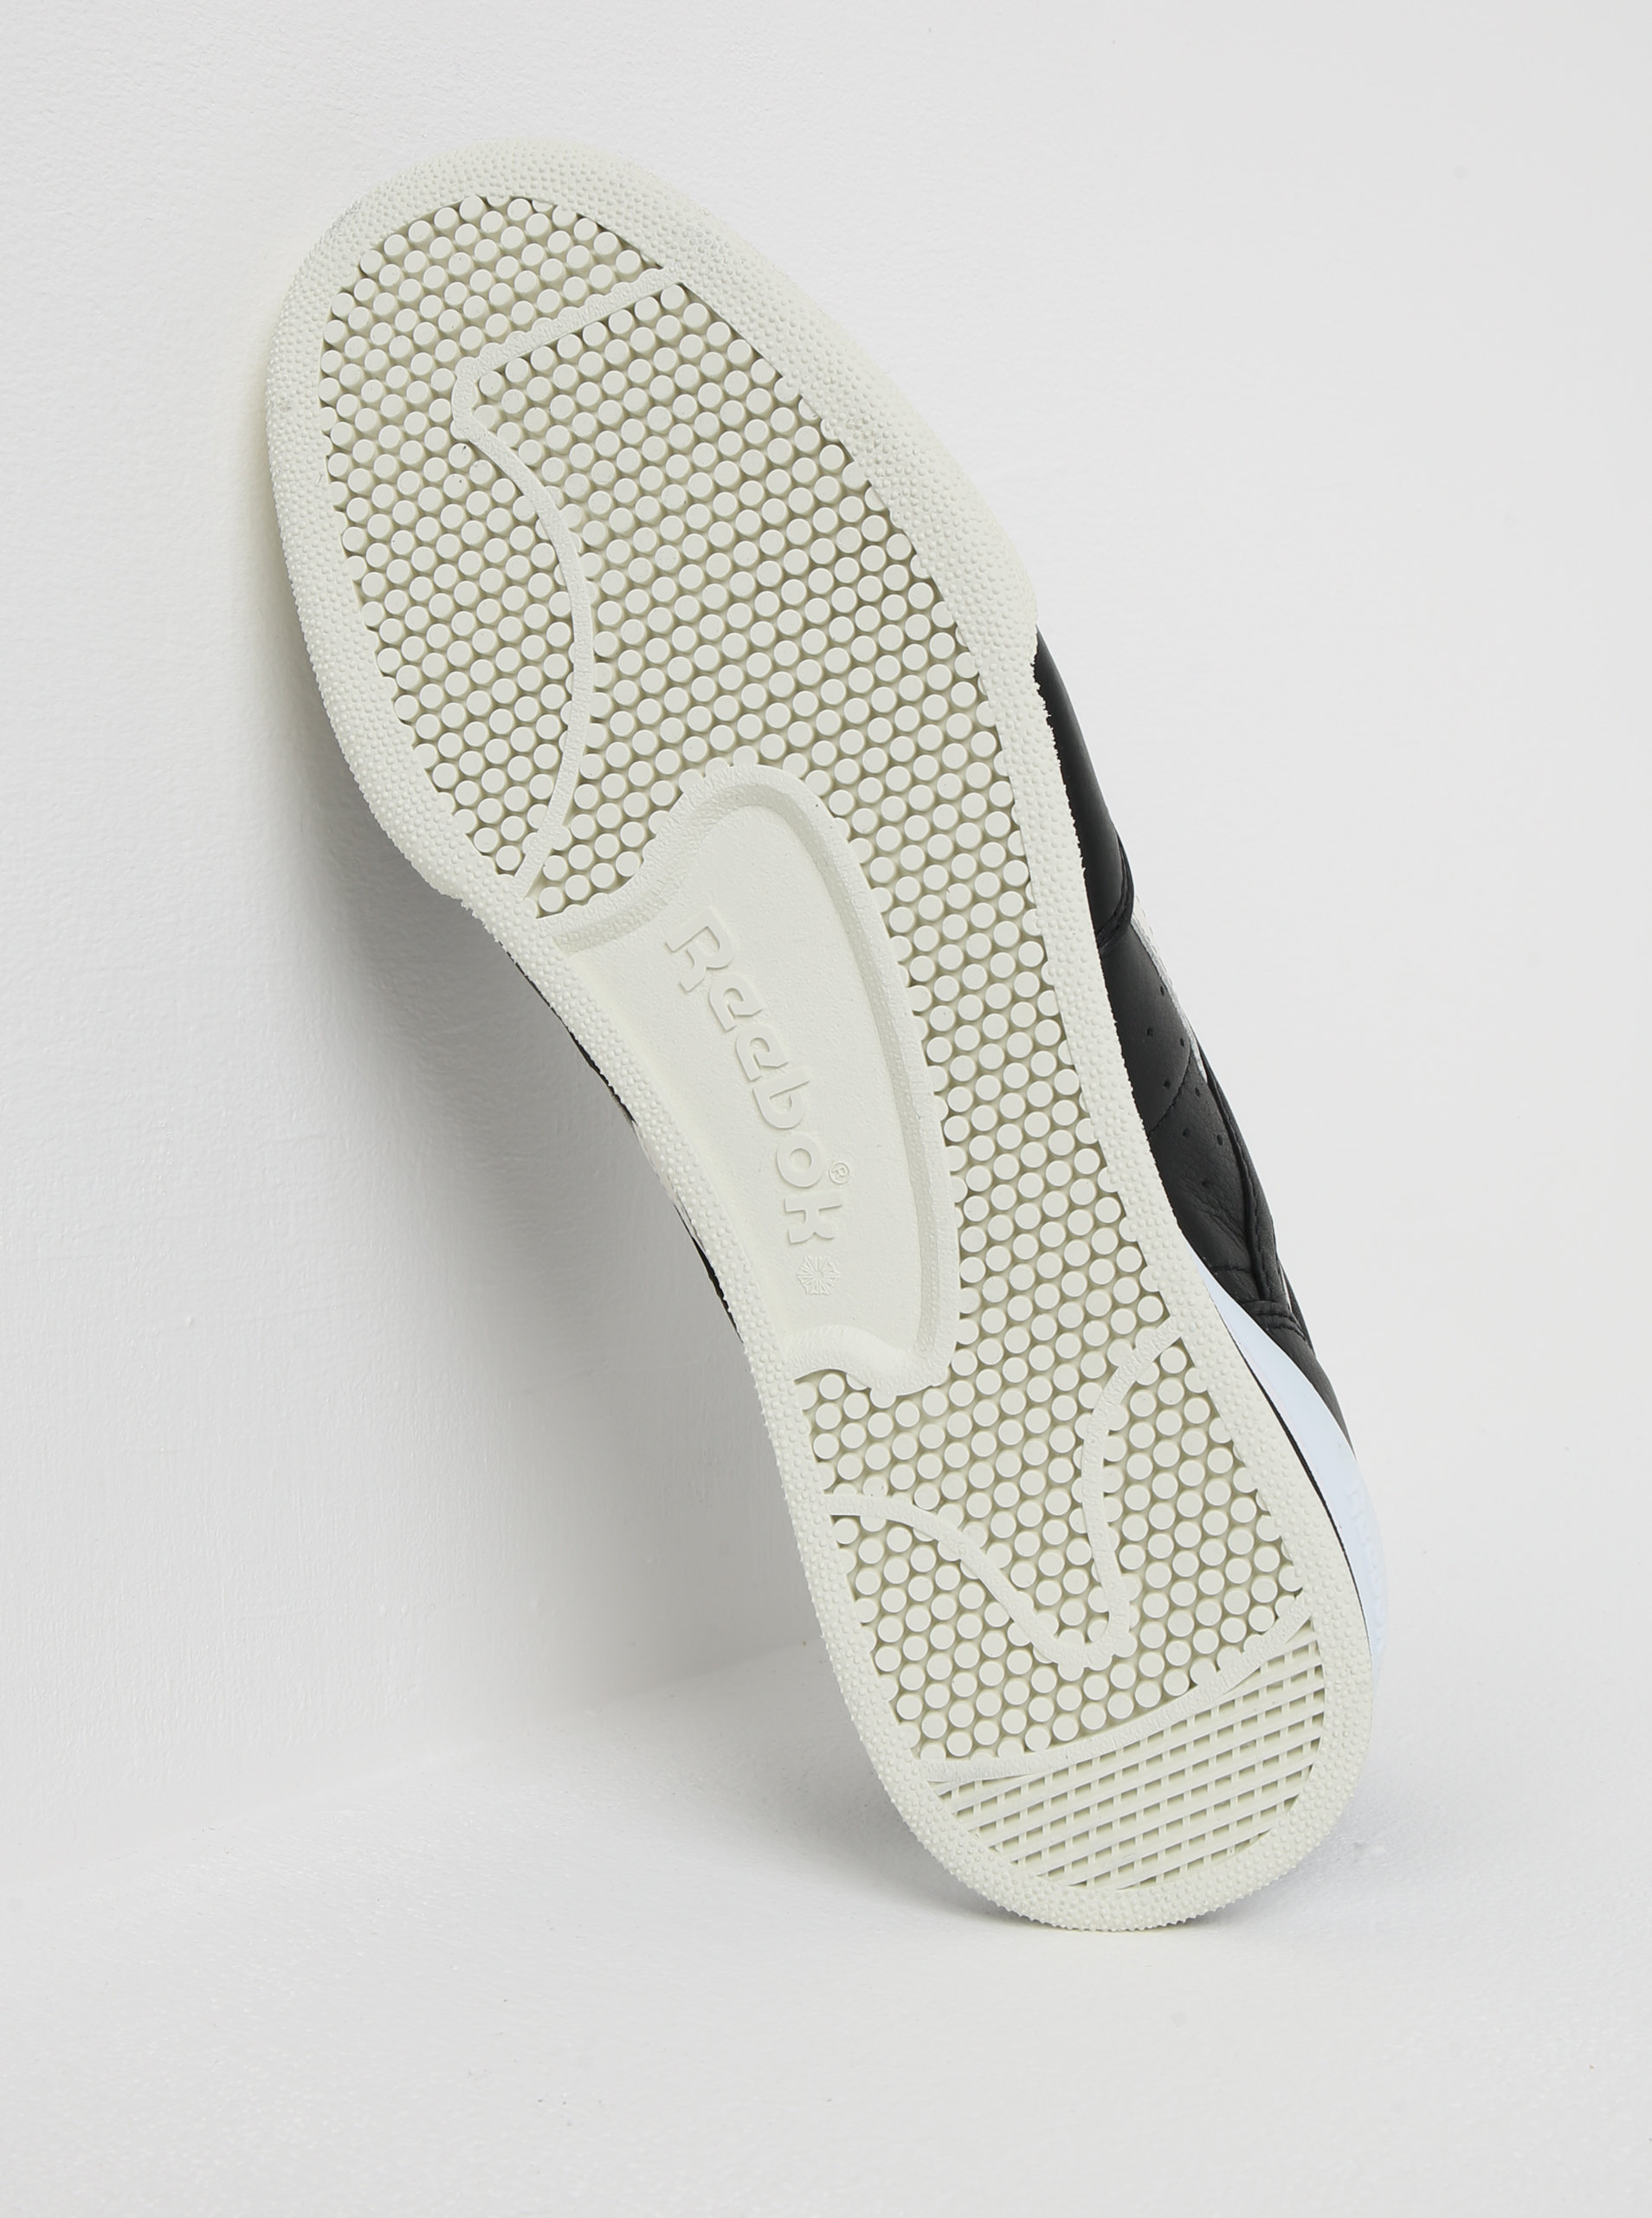 Bielo-čierne pánske kožené tenisky Reebok Phase 1 Pro ... bad31e0c1db